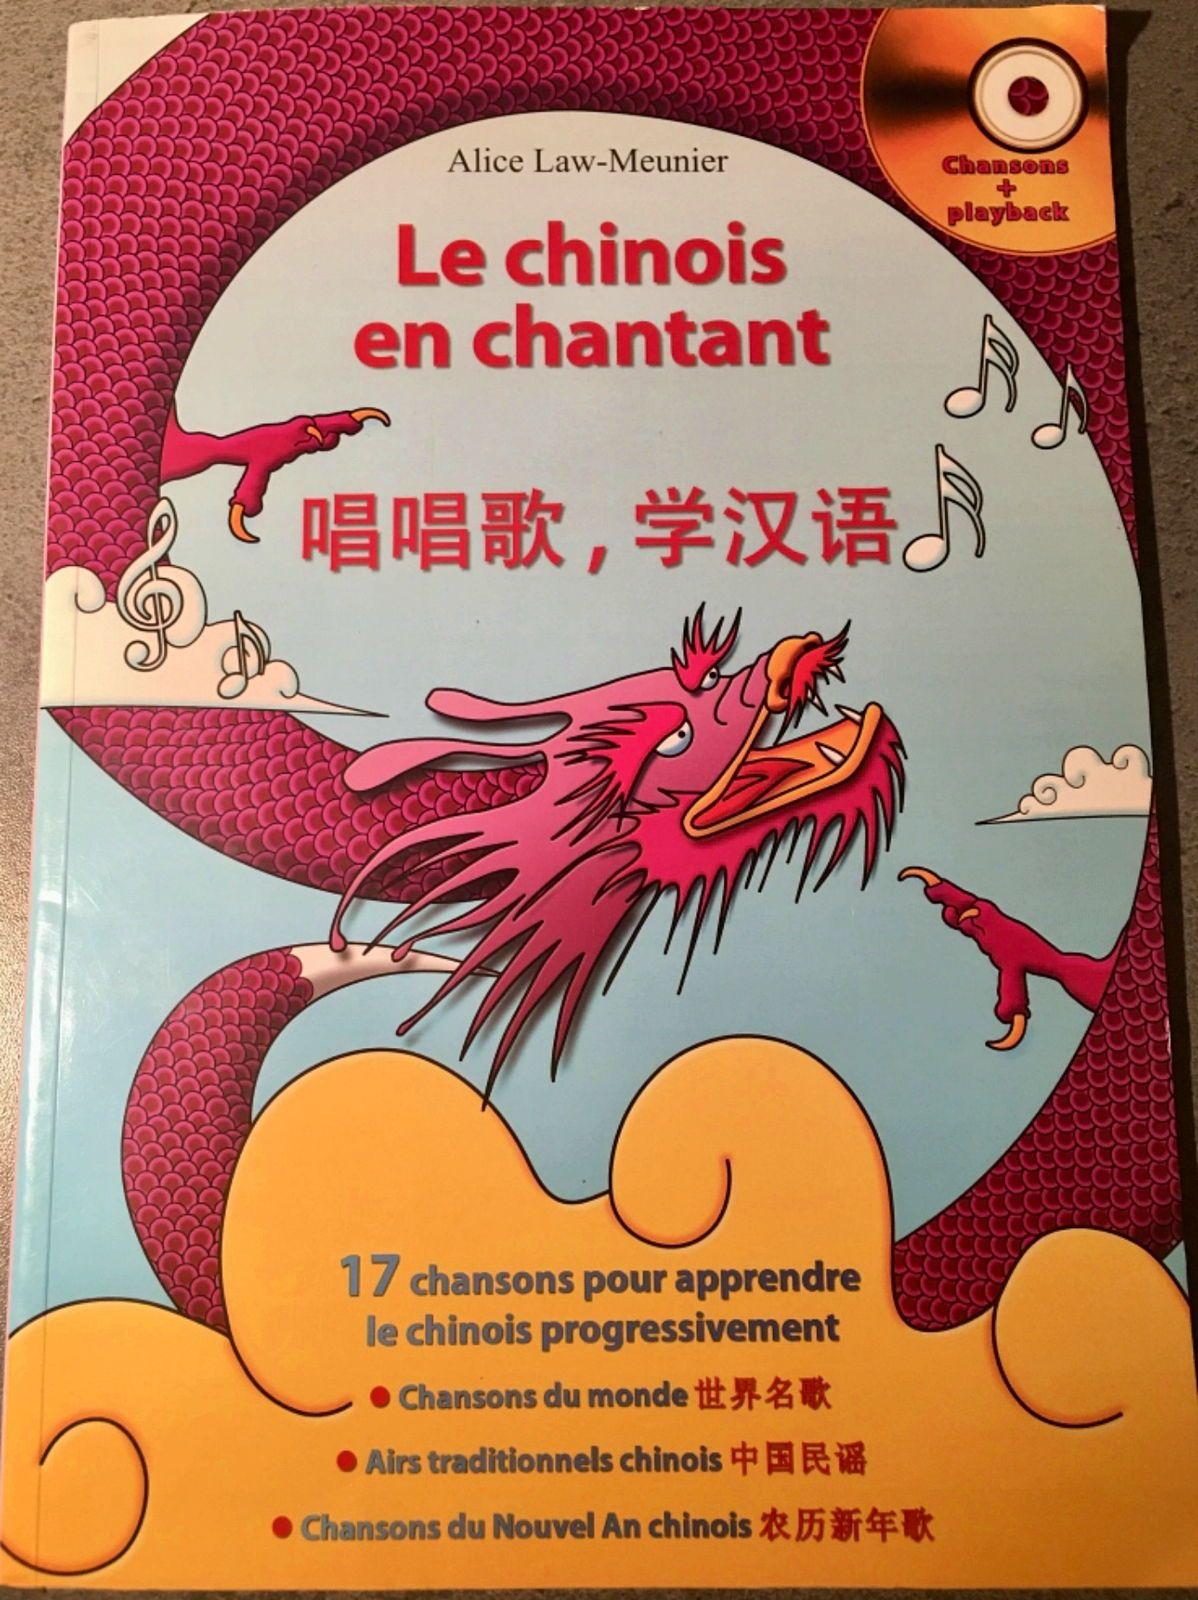 Vends manuel Le chinois en chantant Alice Law-Meunier